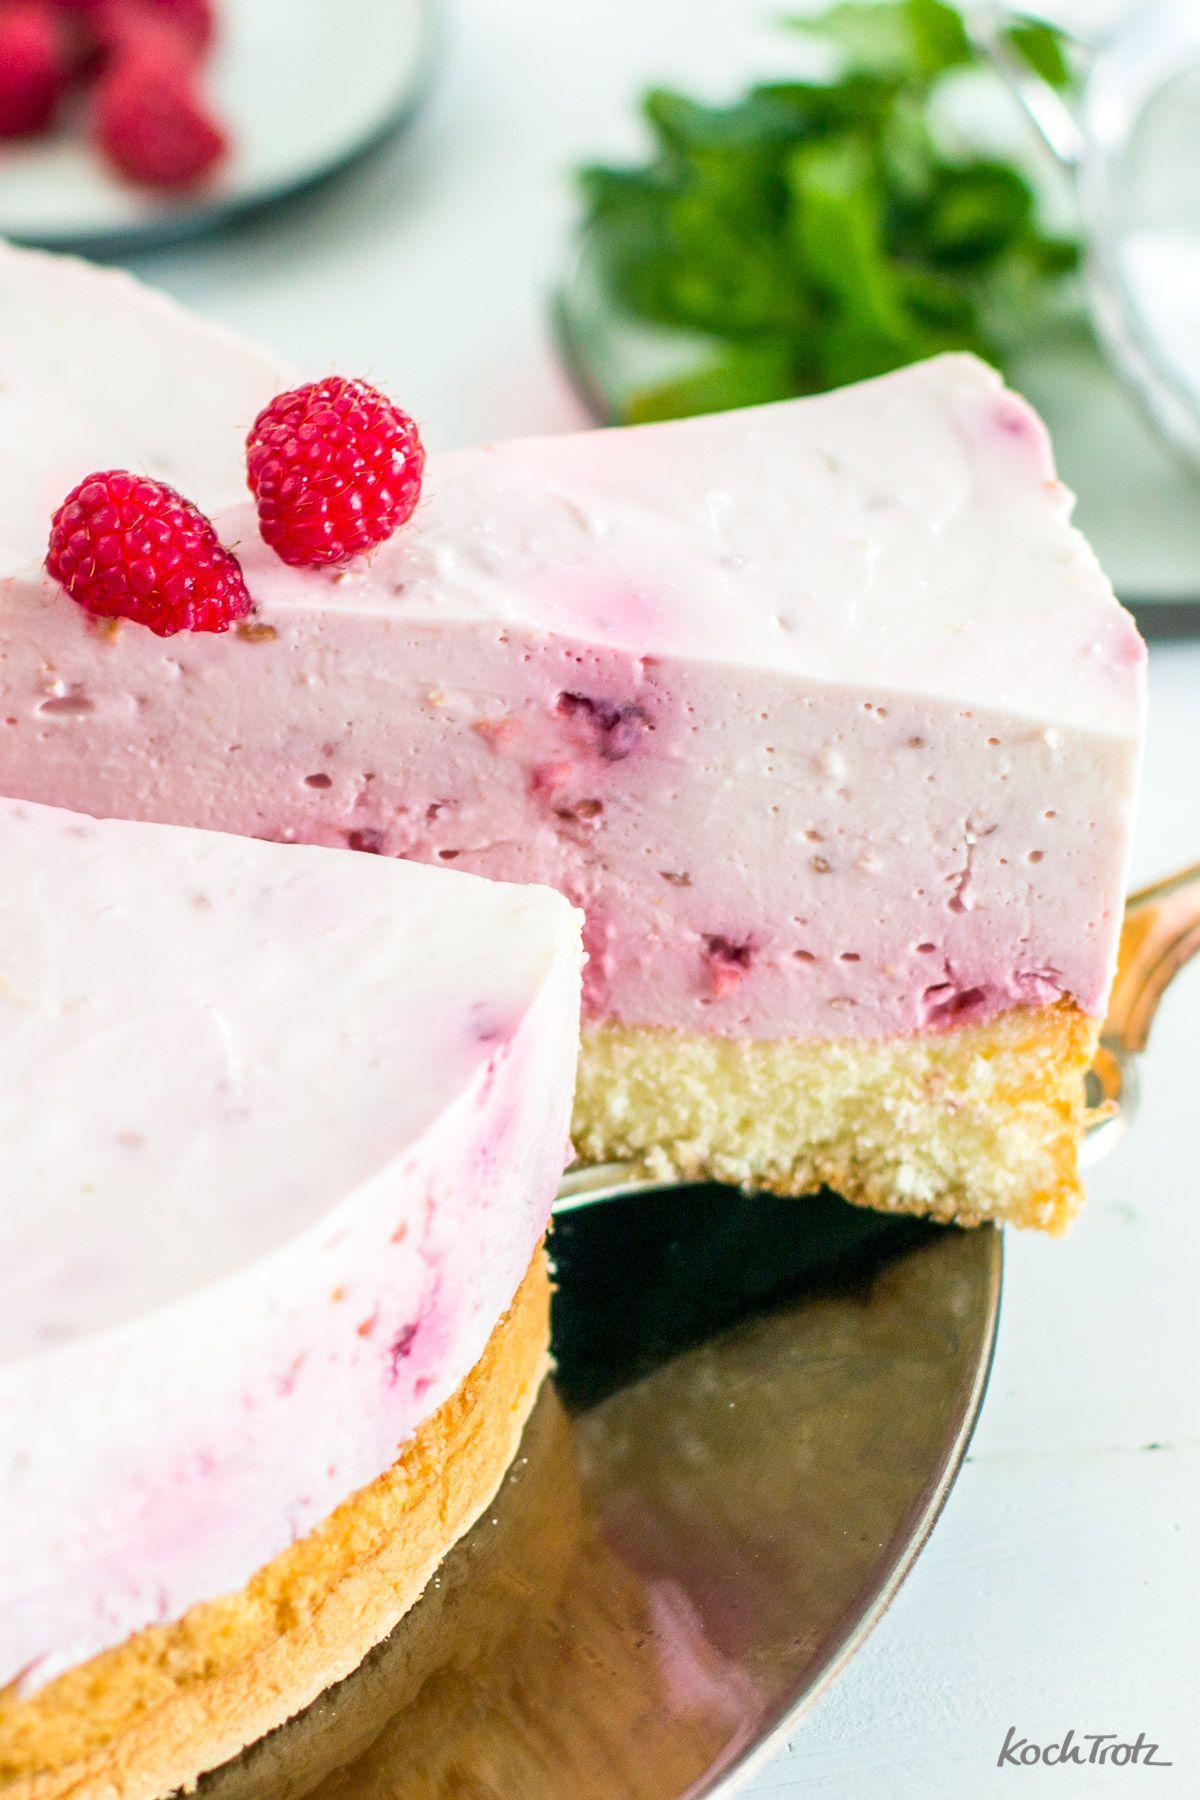 Einfache Frischkase Torte Glutenfrei Und Laktosefrei Kochtrotz Kreative Rezepte Rezept Glutenfreie Torten Kuchen Und Torten Laktosefreie Desserts